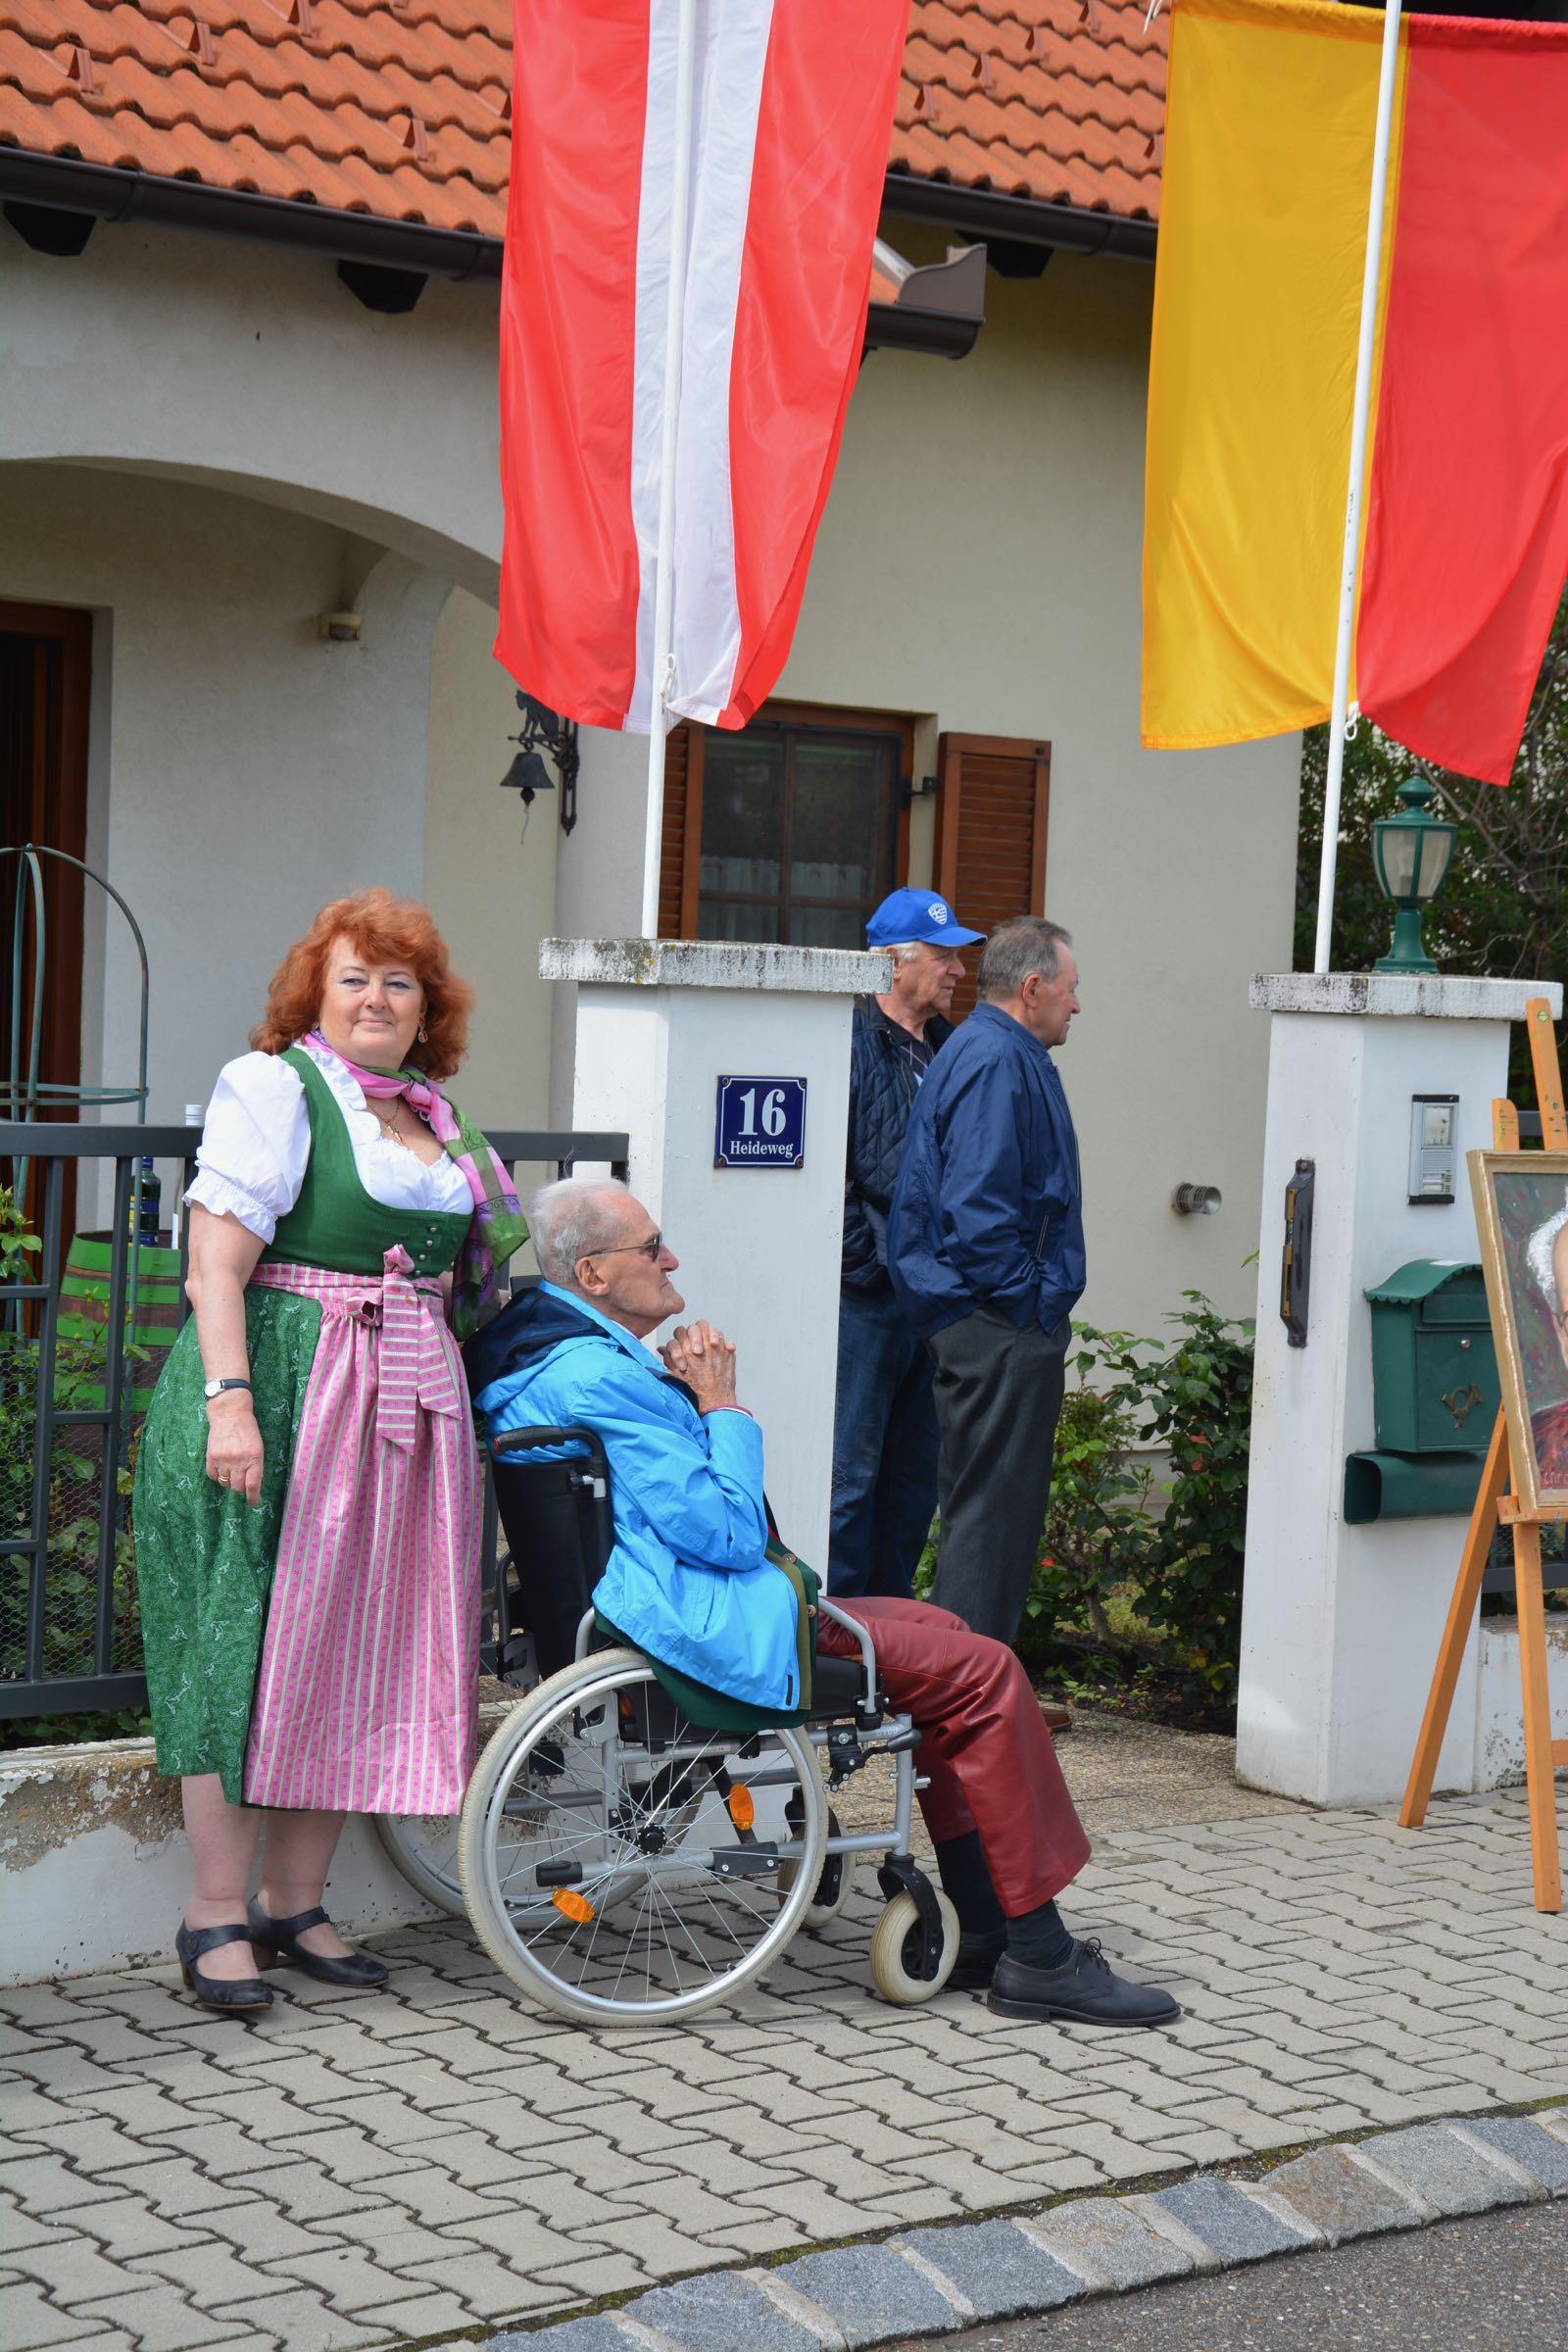 2019_05_09_Garde_Gardemuisk_BgdrNAGL - 6 of 36